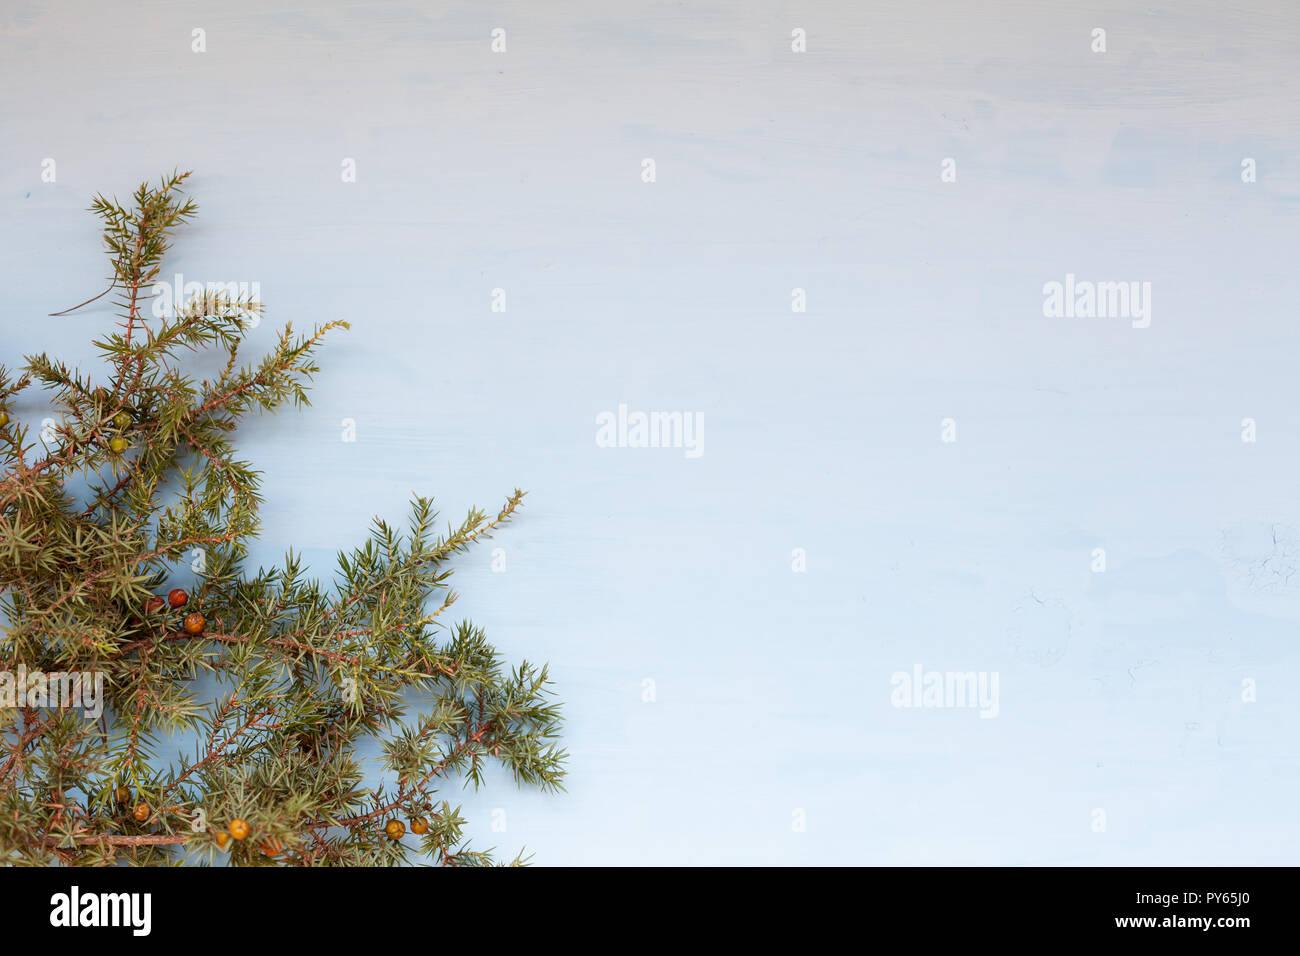 Weihnachtsbaum Nadeln.Weihnachtsbaum Nadeln Auf Einem Grauen Hintergrund Weihnachten